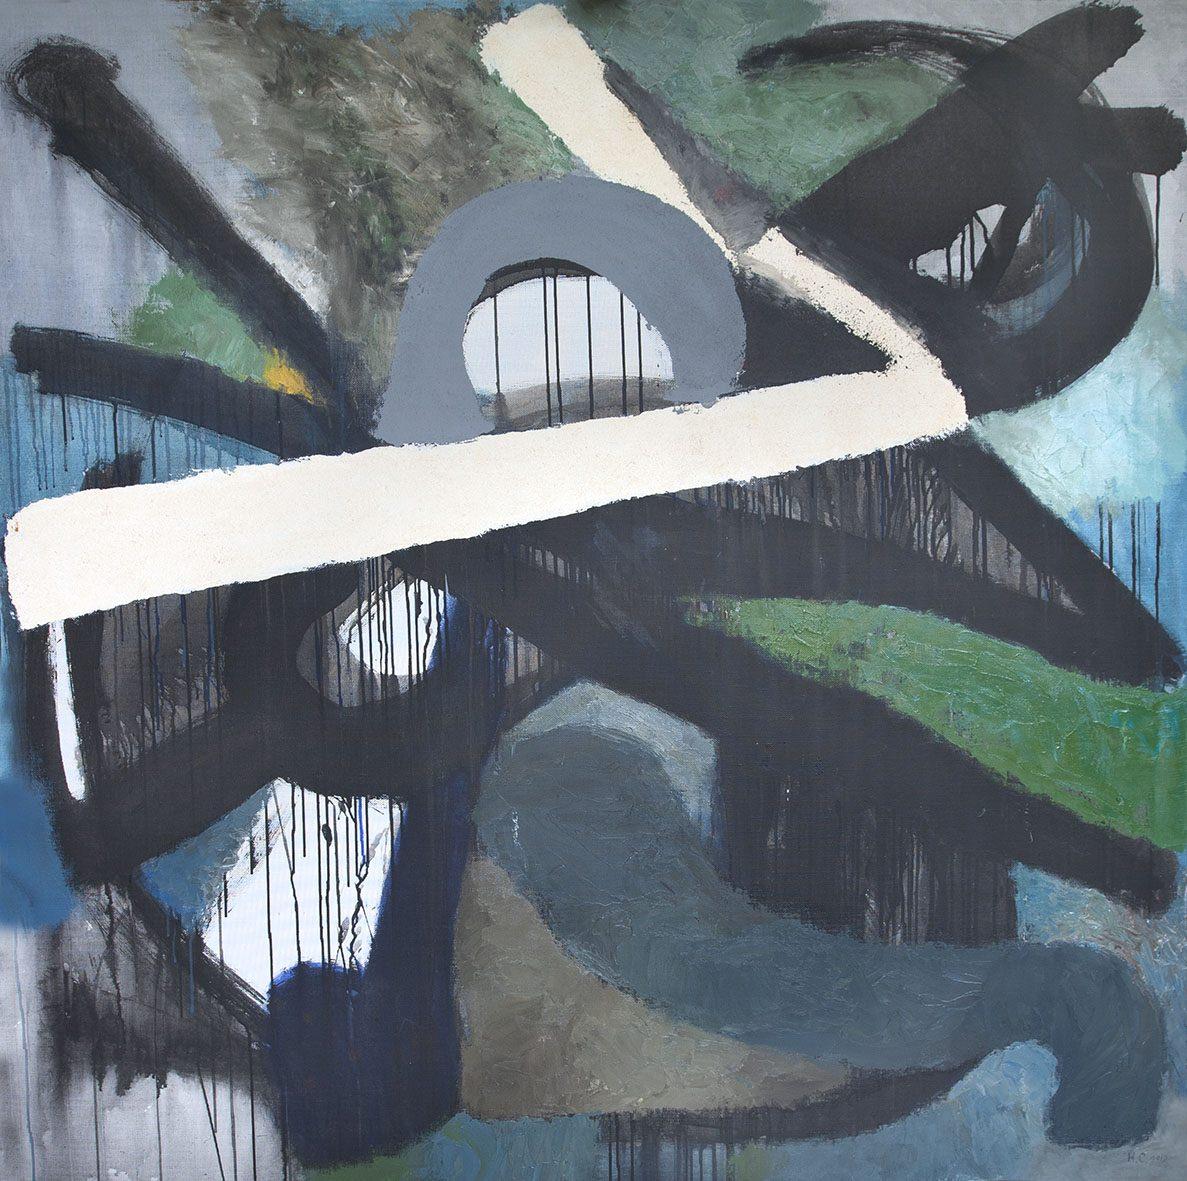 Наталья Ситникова. Этюд II, 2012. Холст,темпера,масло, 160х160 Courtesy of the East Meets West Gallery